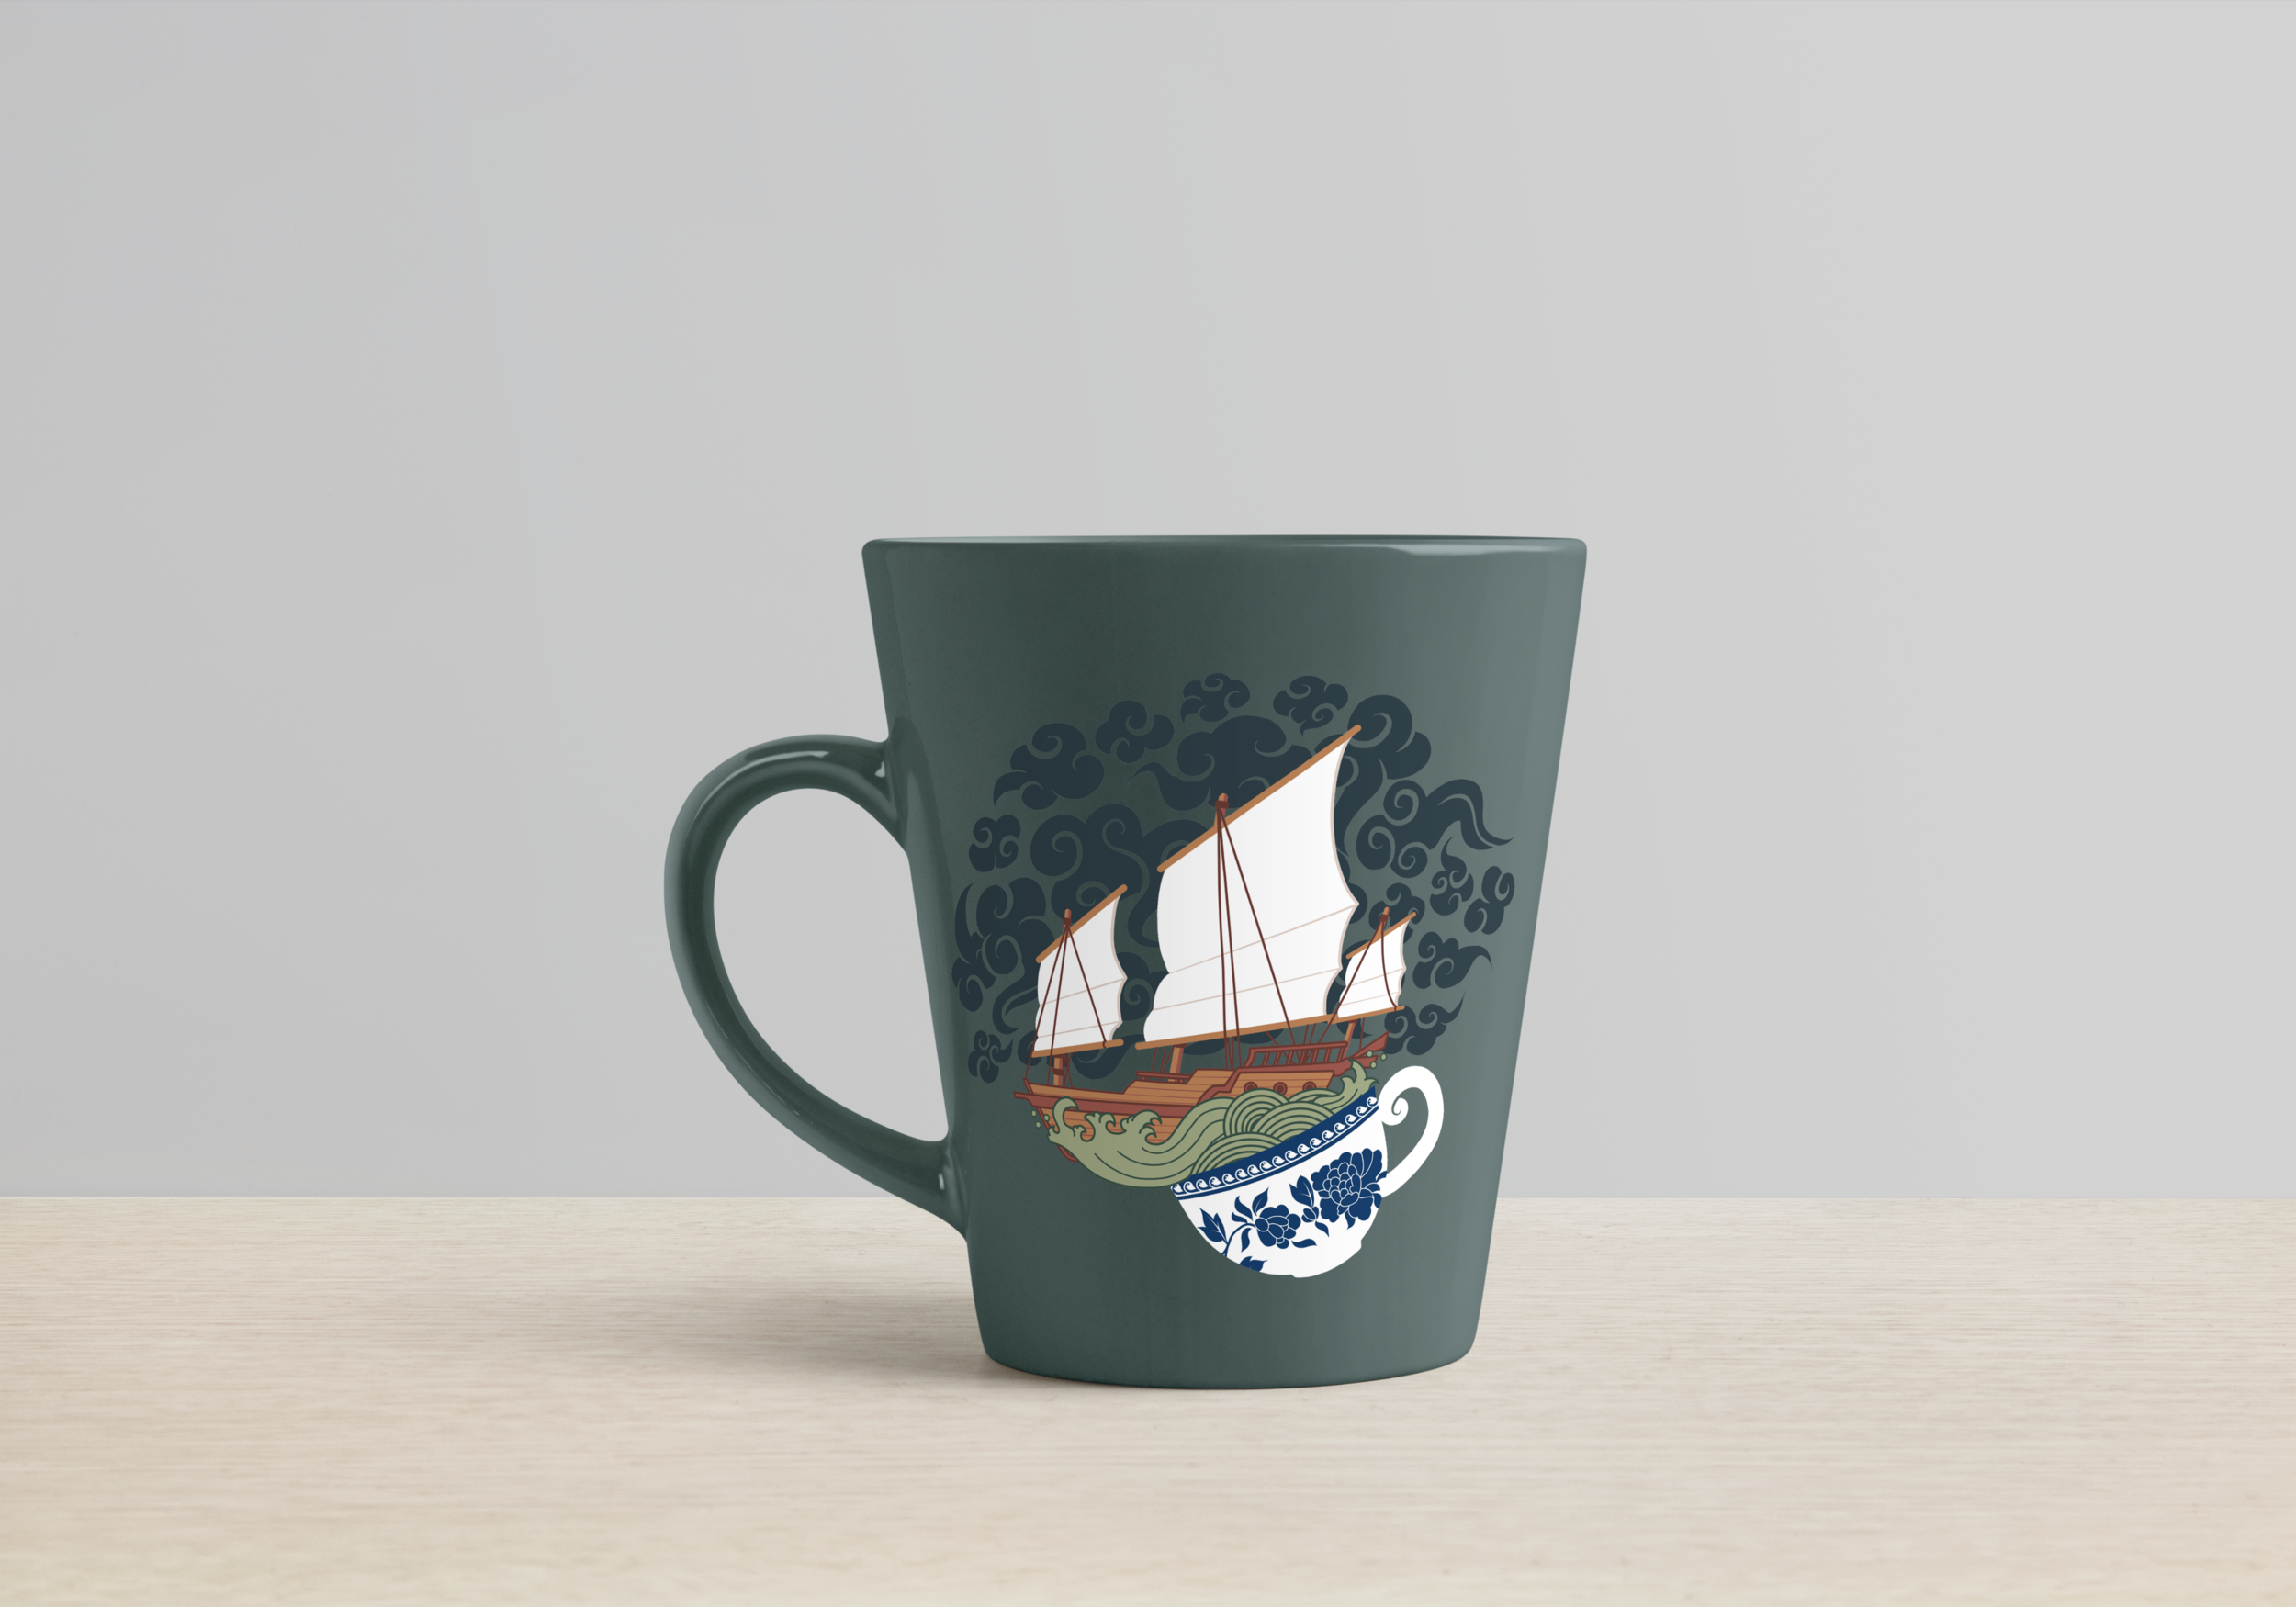 Teacup Mug Mockup